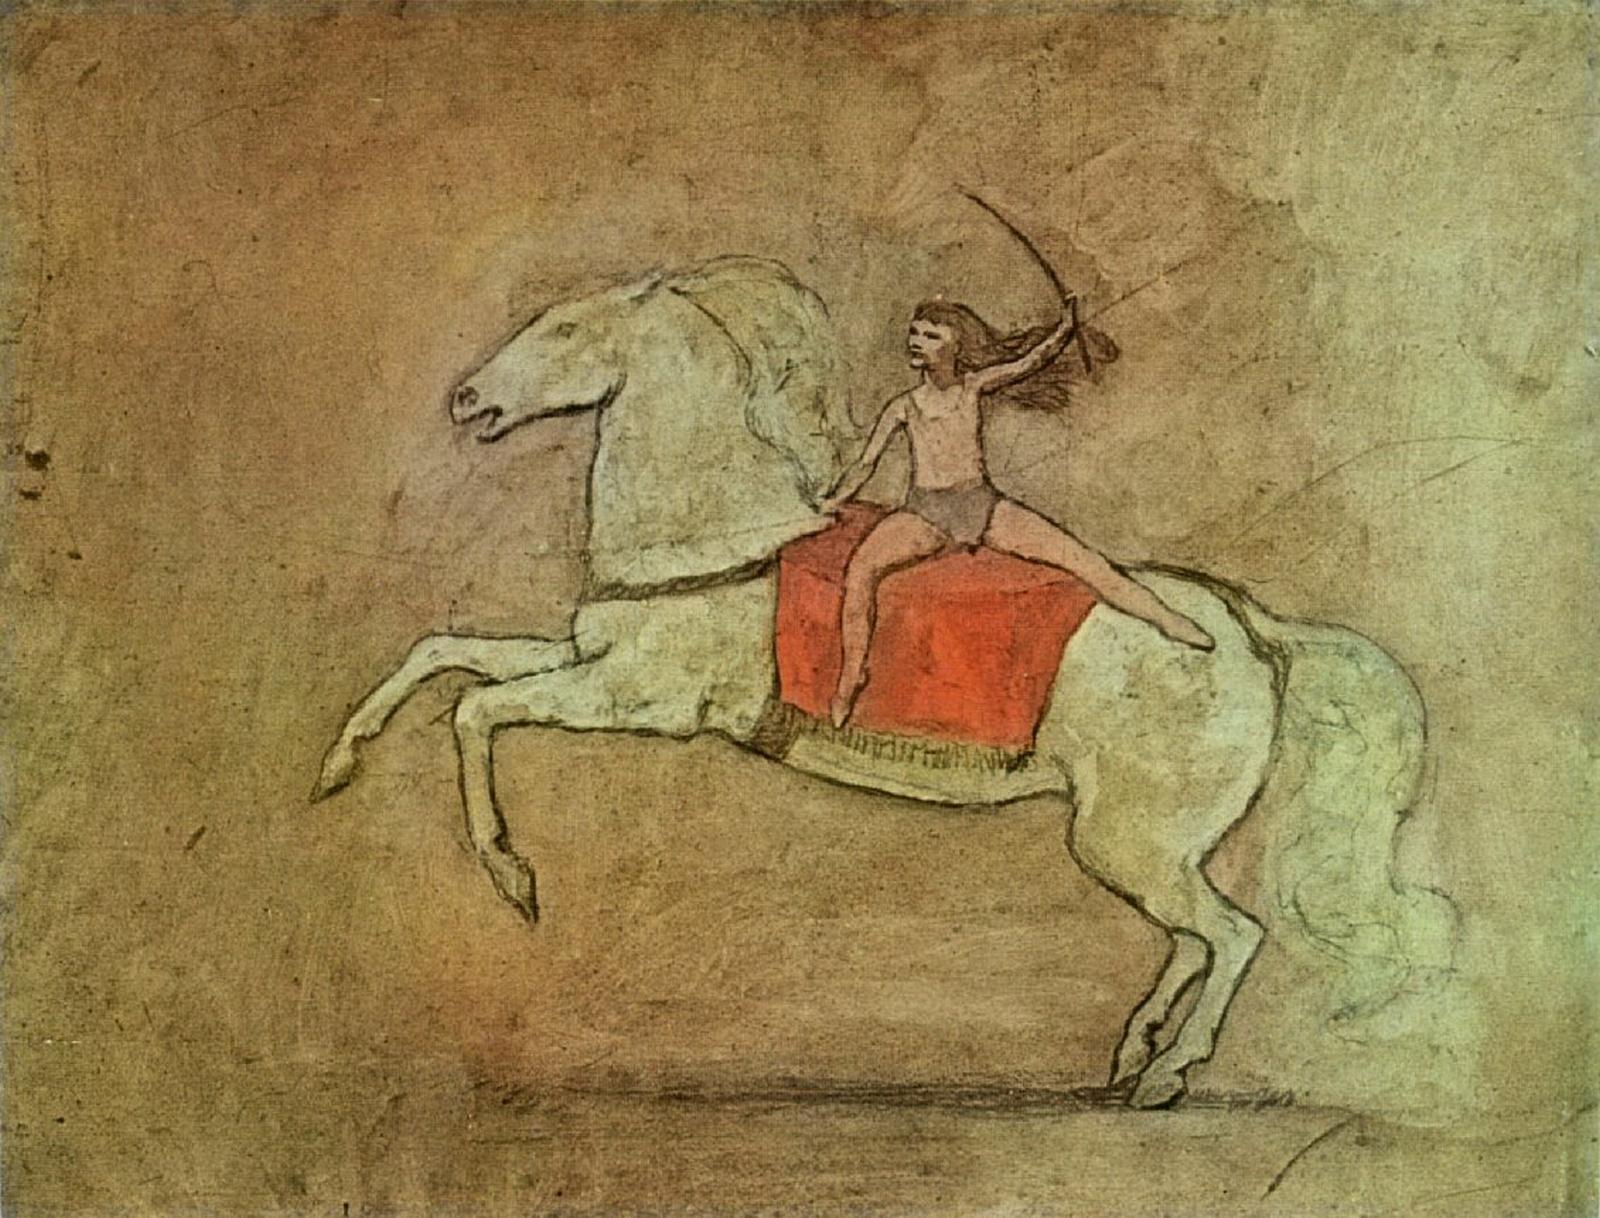 L'équitation n'est pas un sport